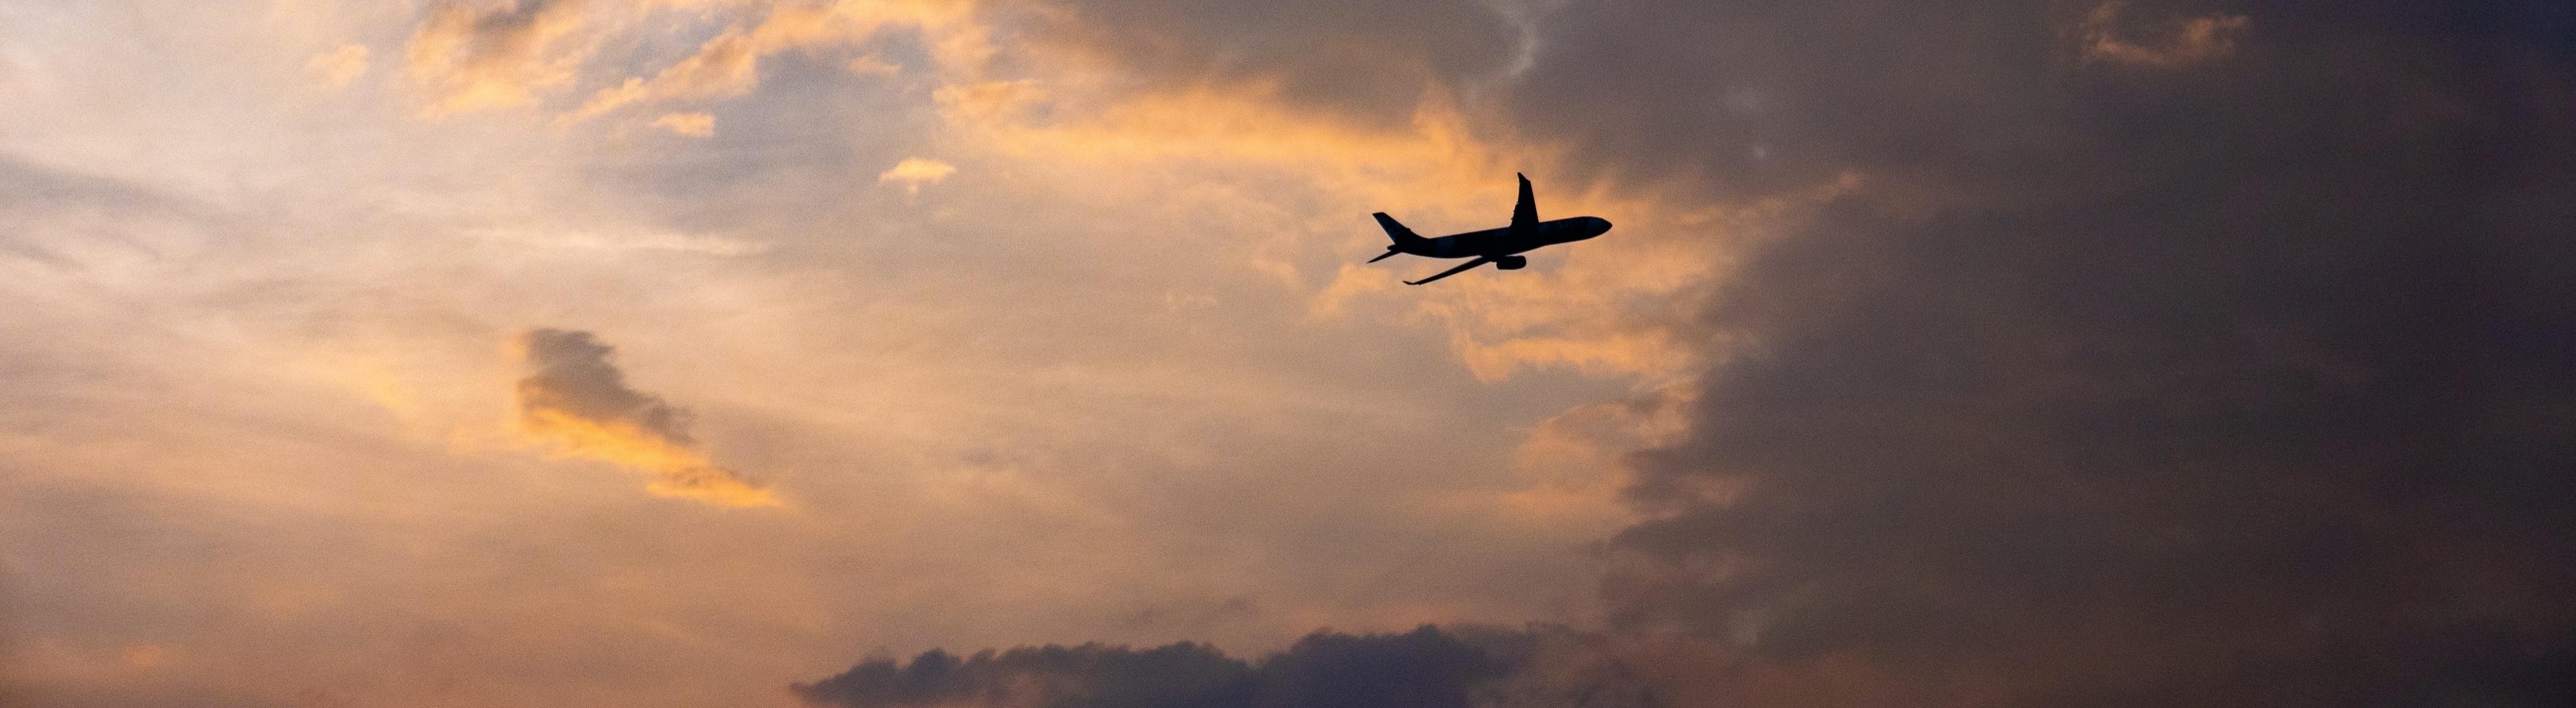 Flugzeug am Abendhimmel, fliegt in eine dunkle Wolke